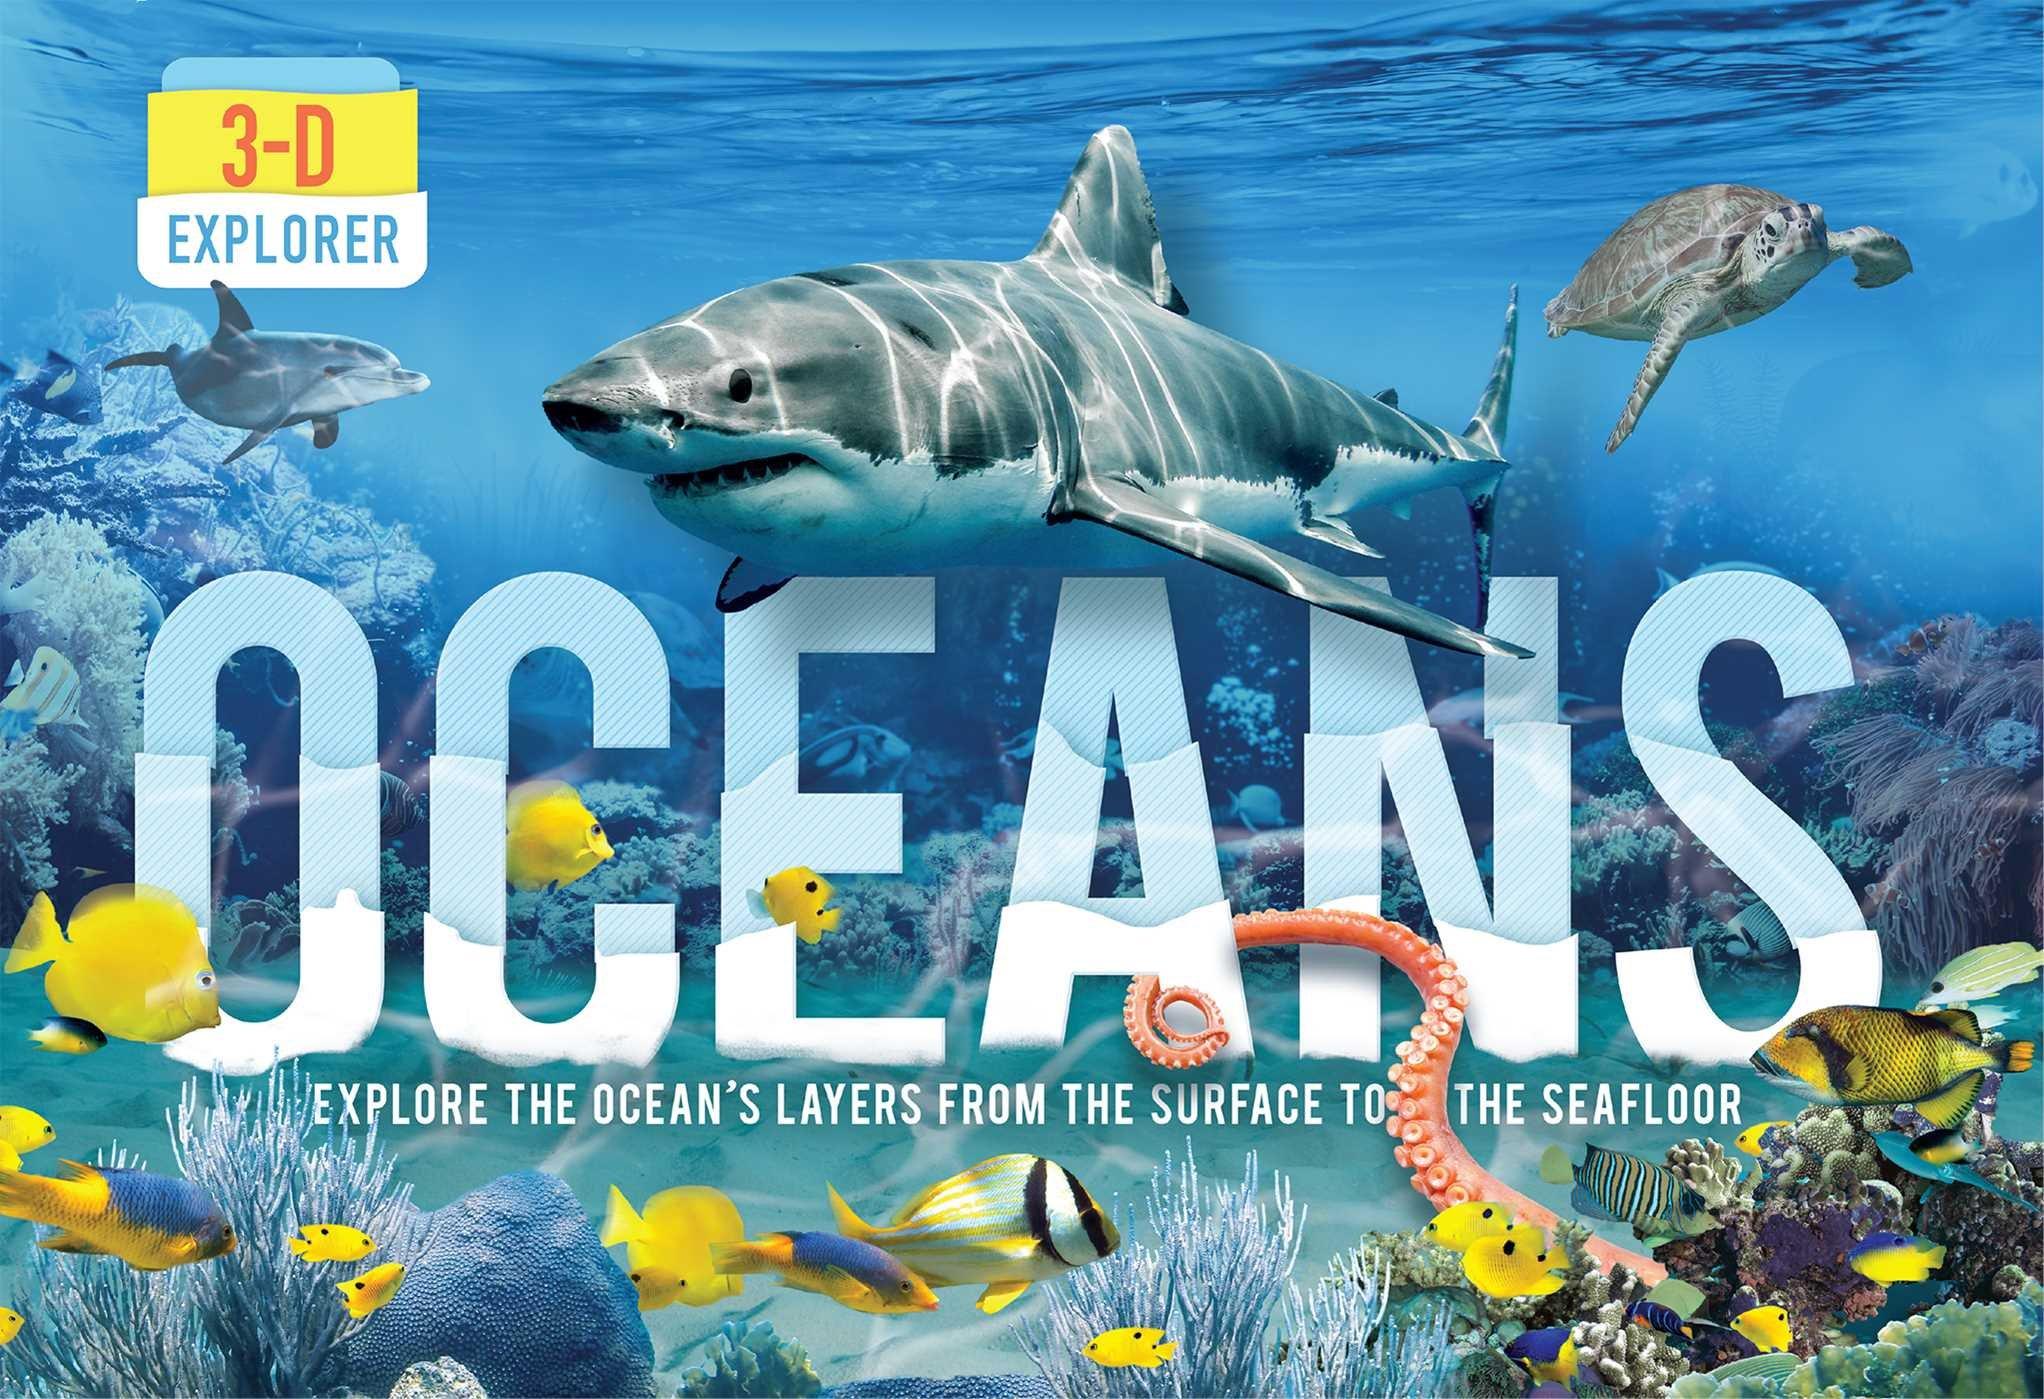 کاوش در اقیانوسها (مستند)